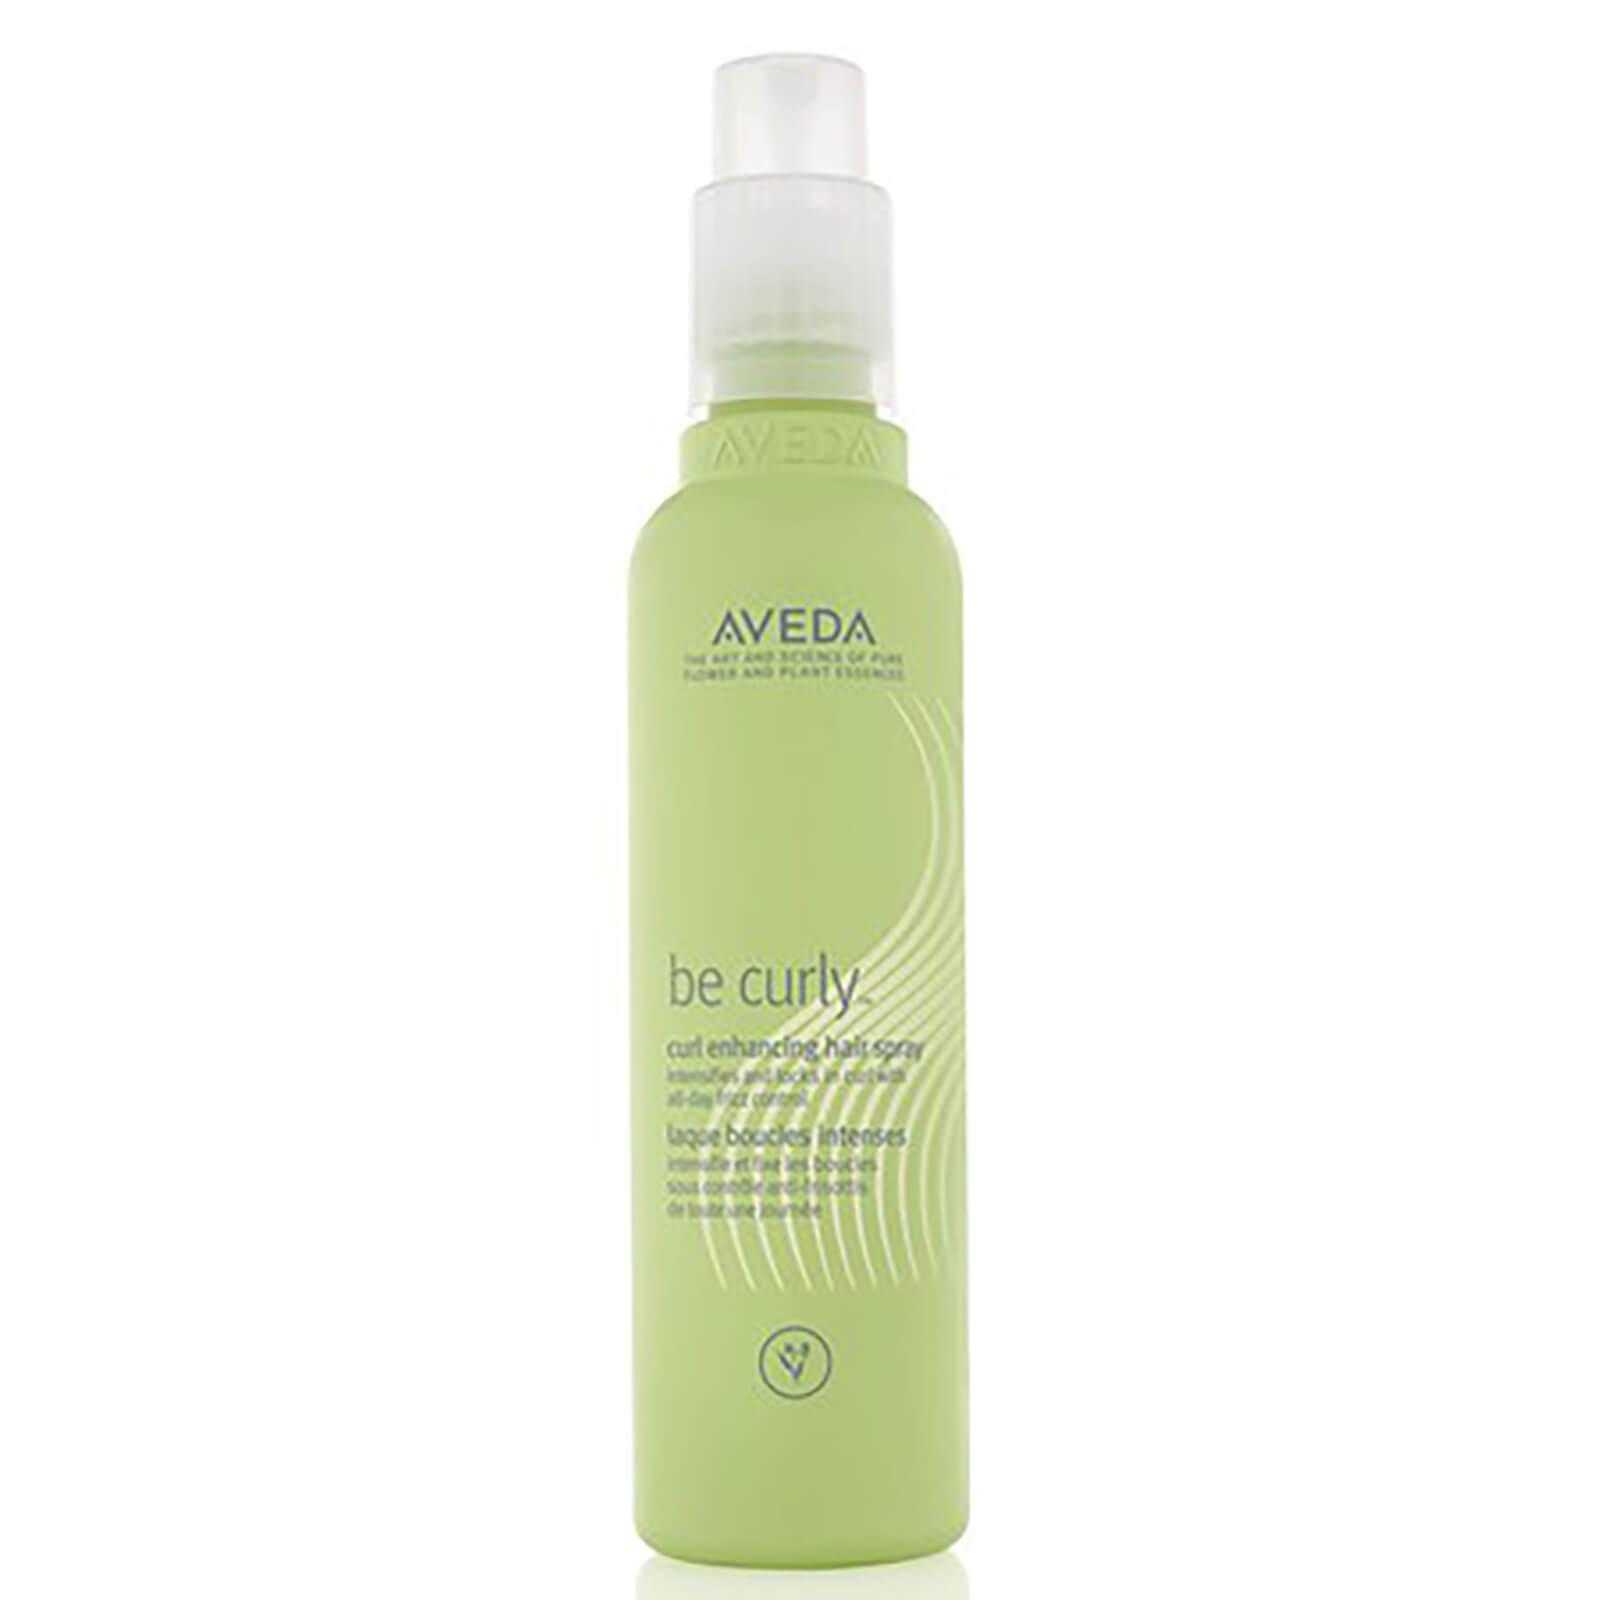 Aveda Be Curly Curl Enhancing Haarspray (200ml)